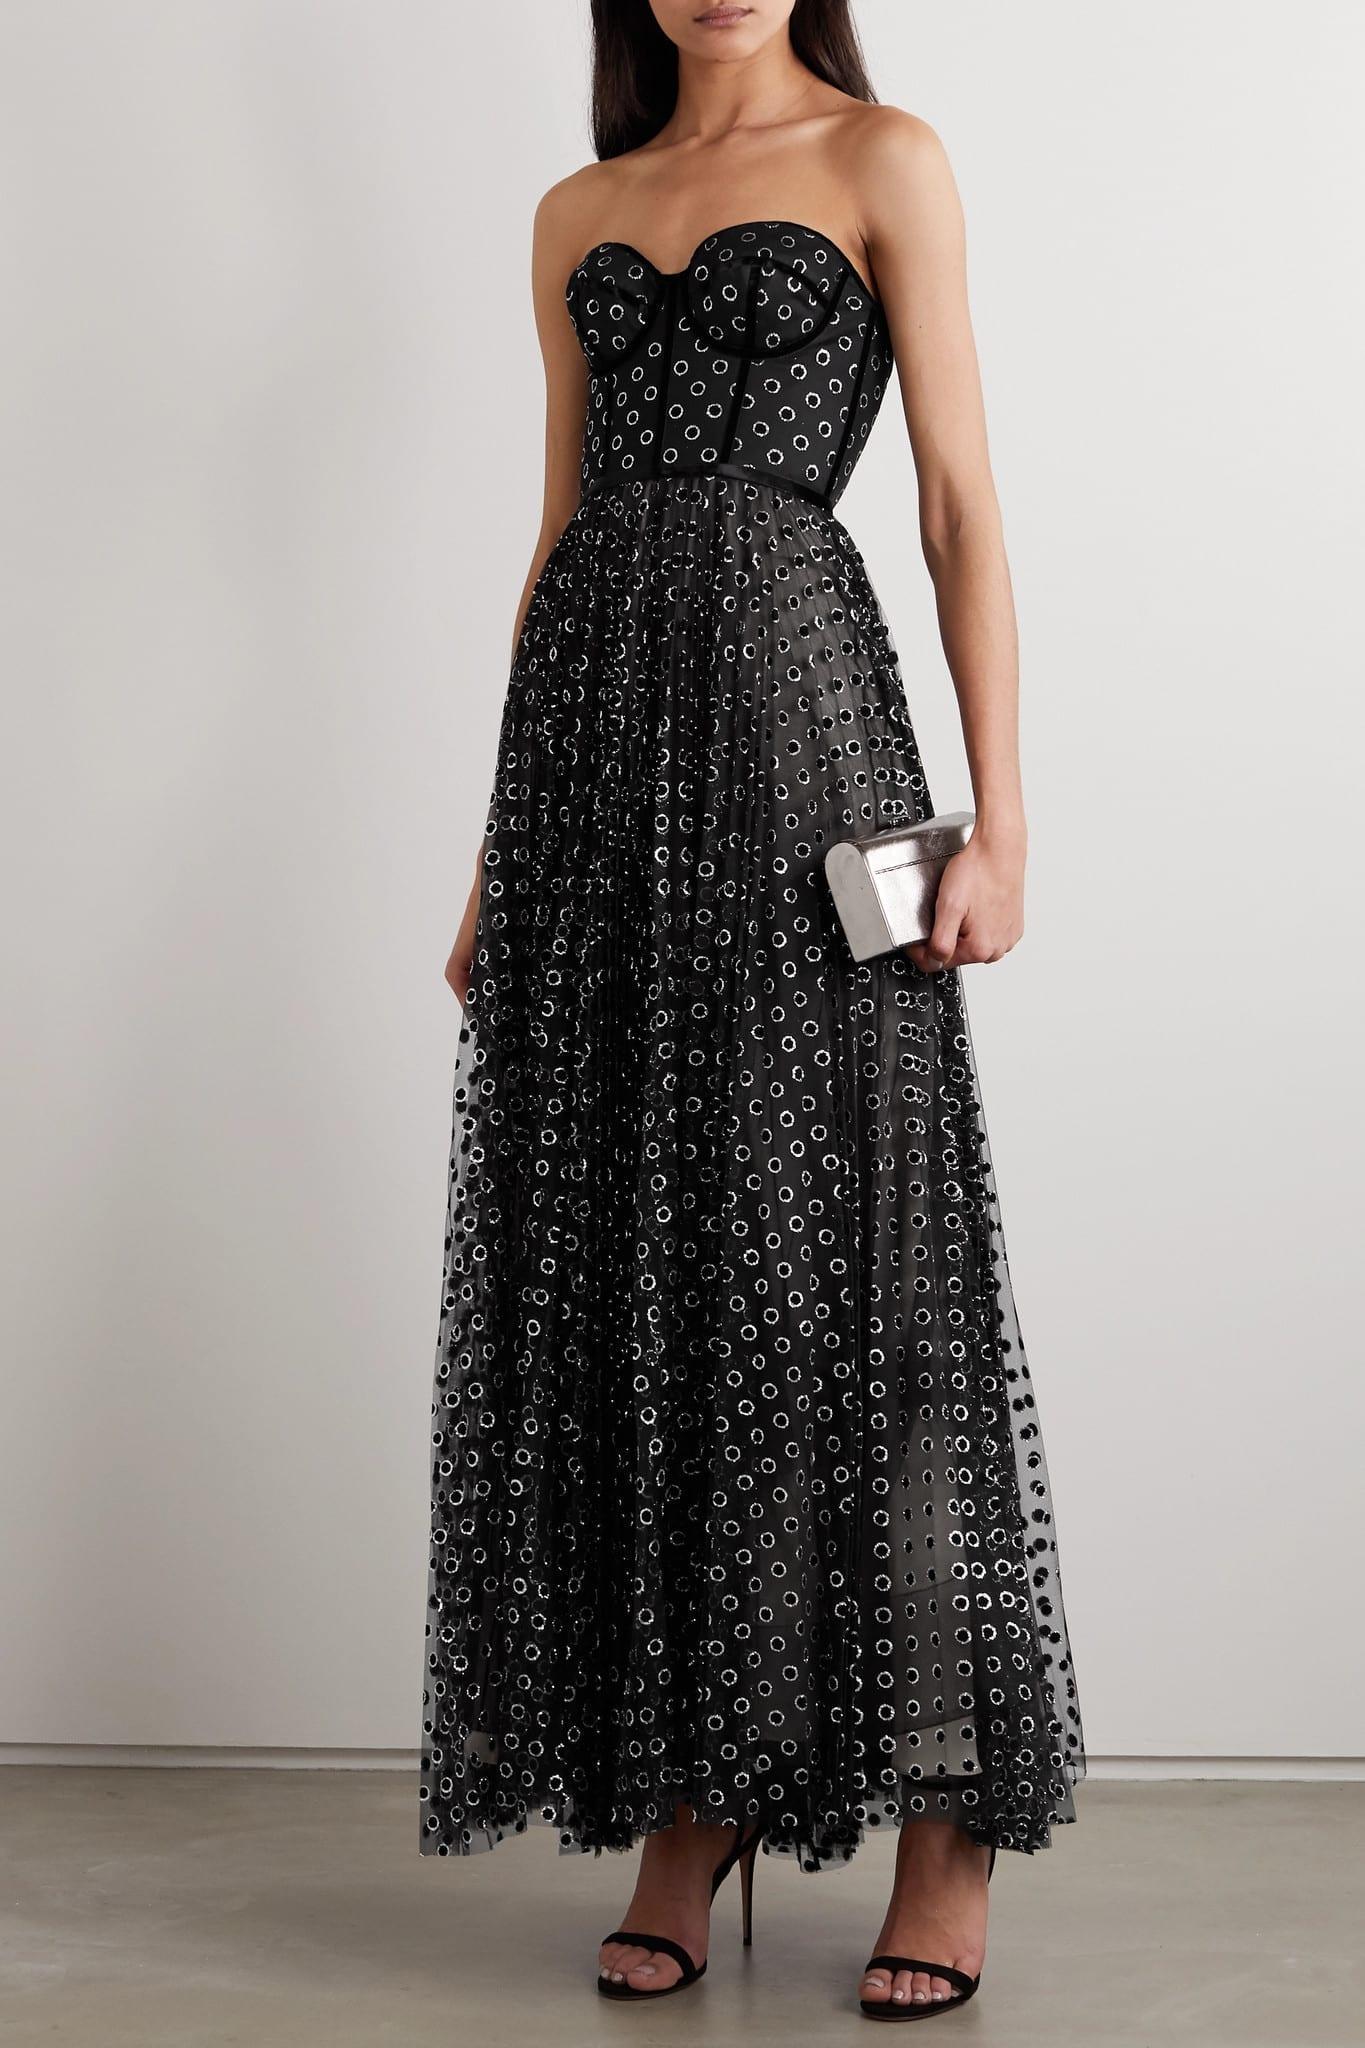 RALPH & RUSSO Strapless Velvet-trimmed Glittered Polka-dot Flocked Tulle Gown